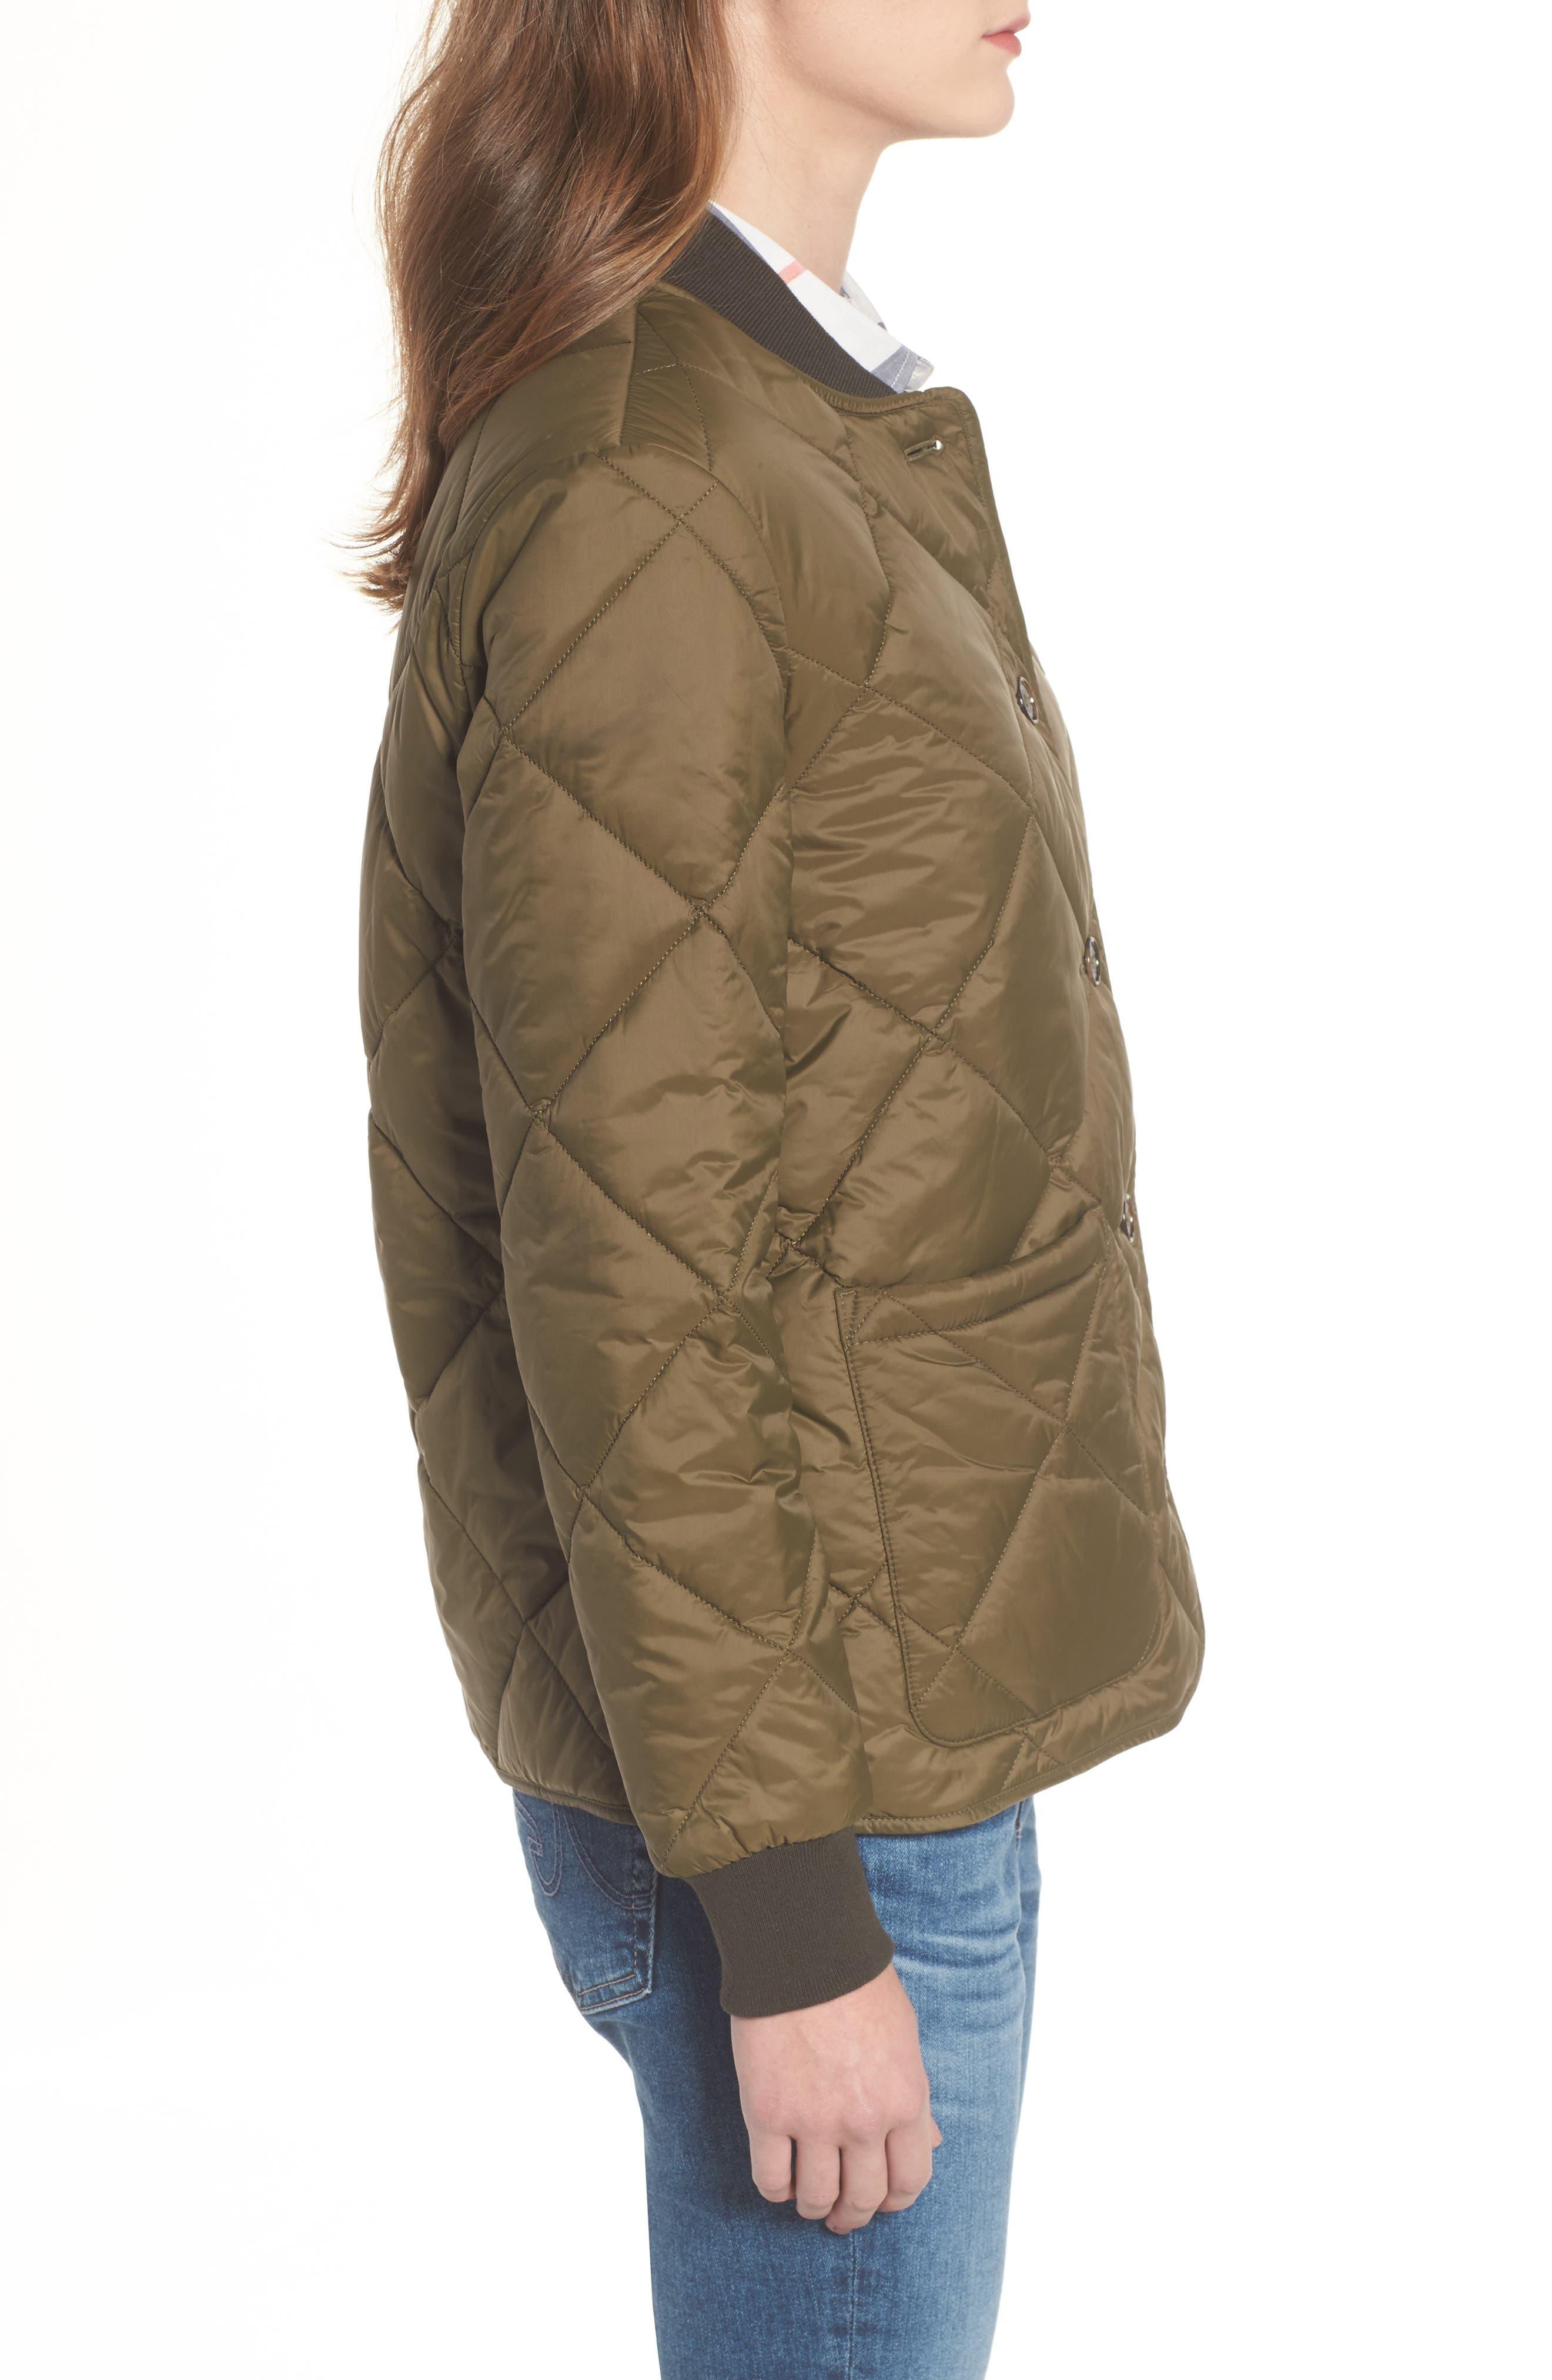 Freckleton Jacket,                             Alternate thumbnail 3, color,                             340